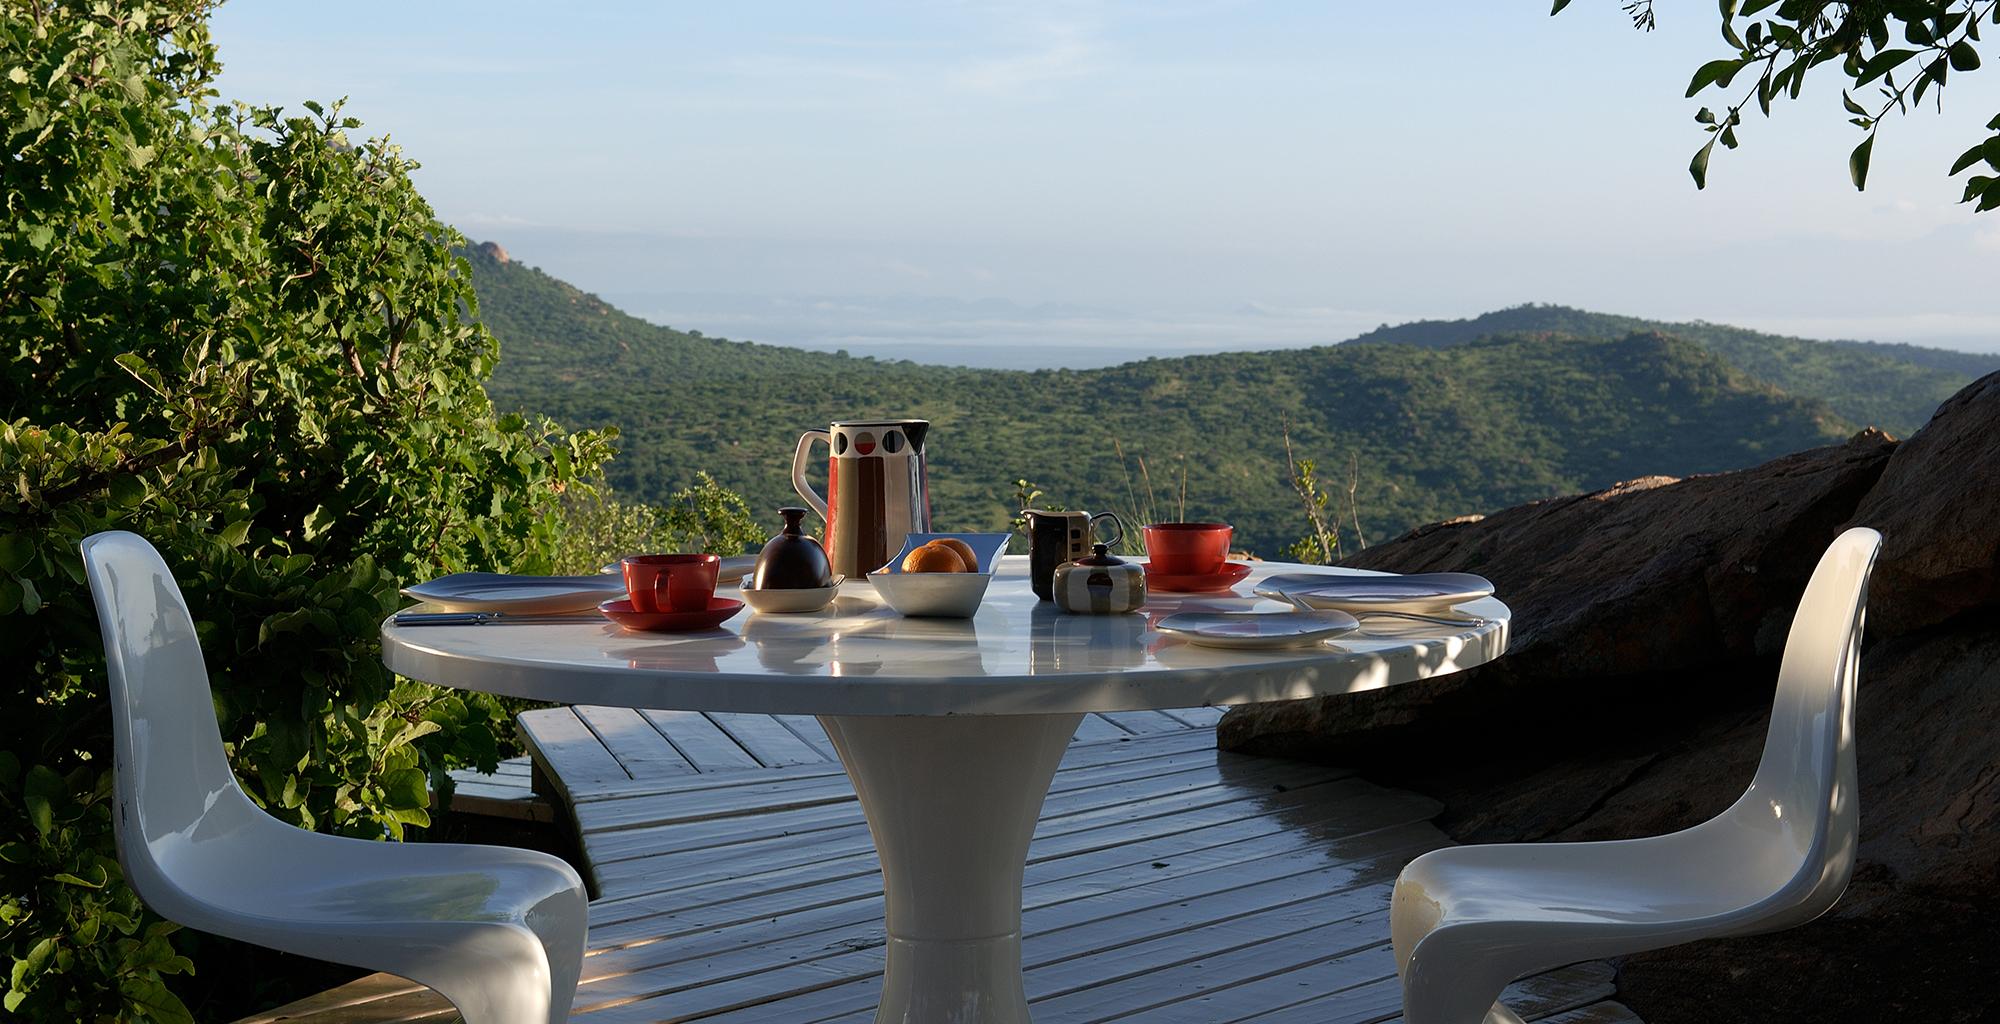 Kenya-Ol-Lentille-Deck-Dining